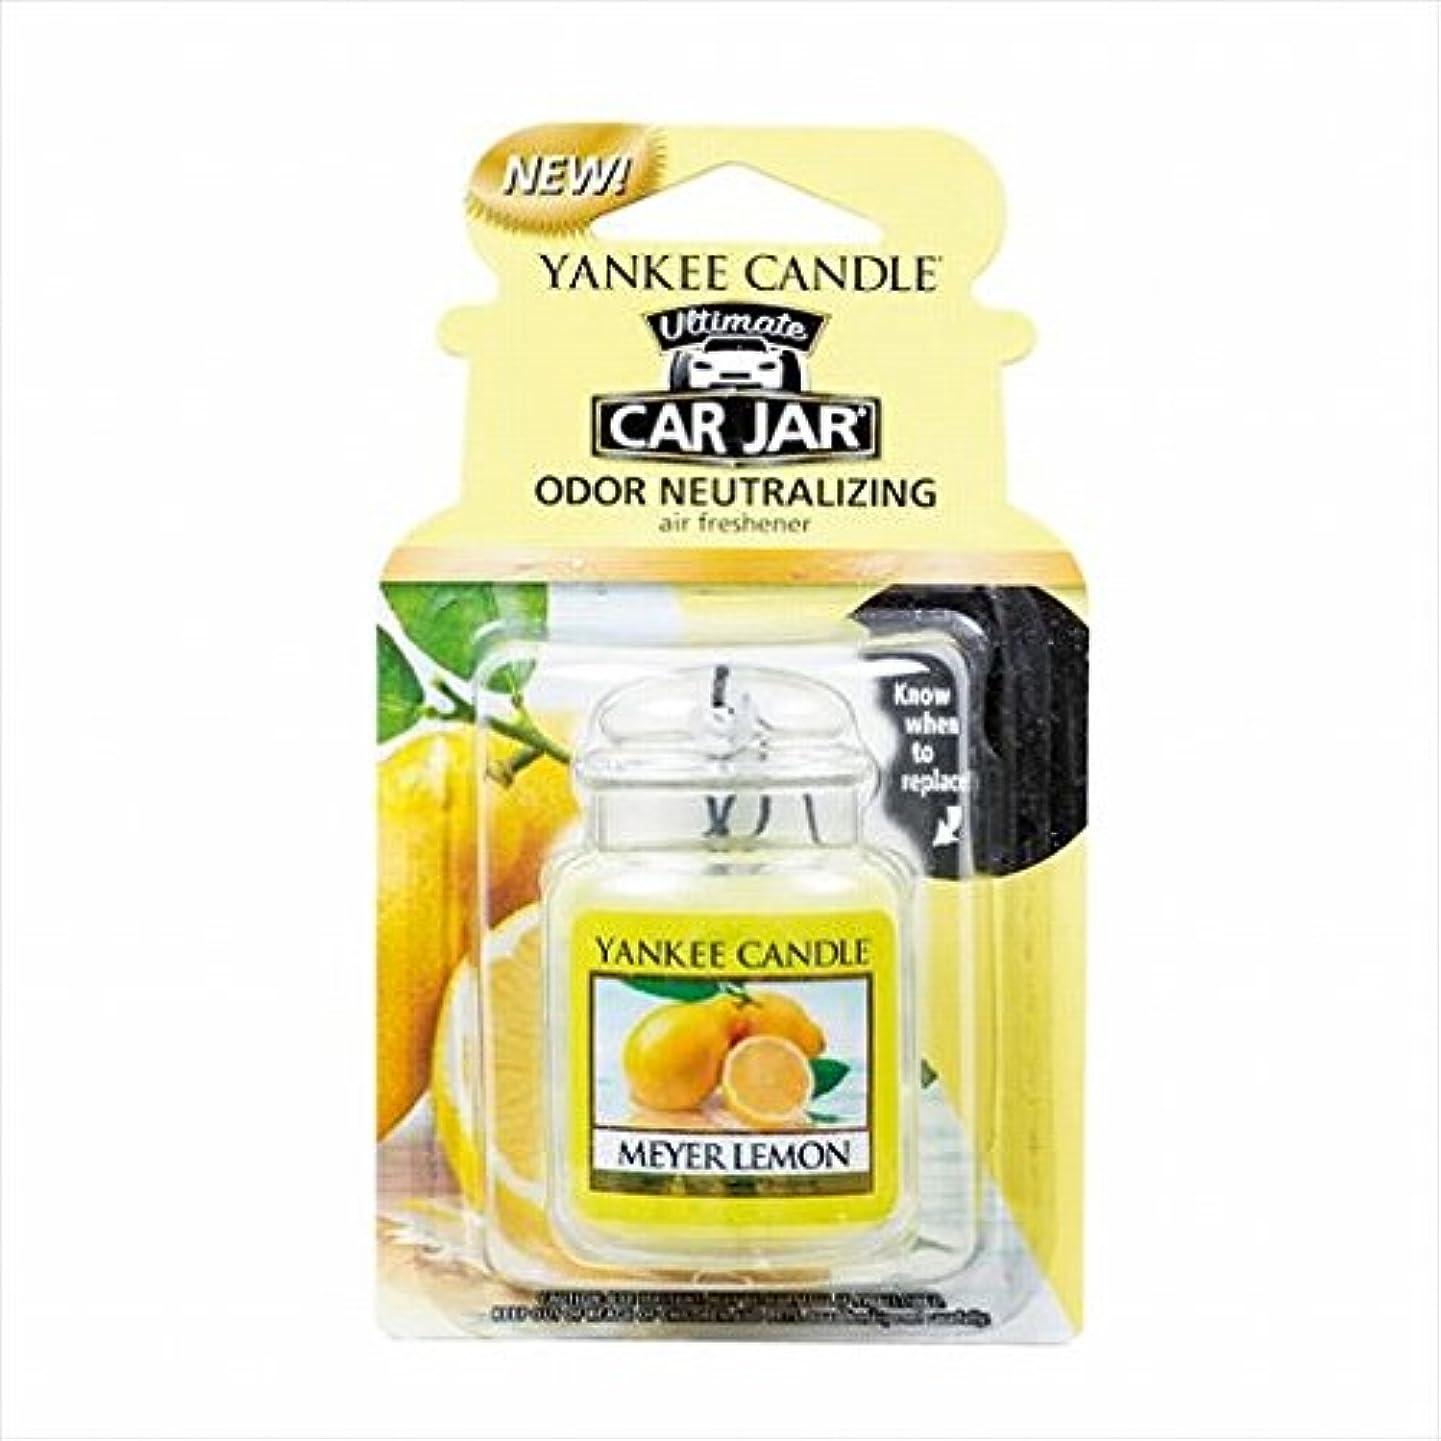 伸ばす孤独パラシュートカメヤマキャンドル(kameyama candle) YANKEE CANDLE ネオカージャー 「 メイヤーレモン 」